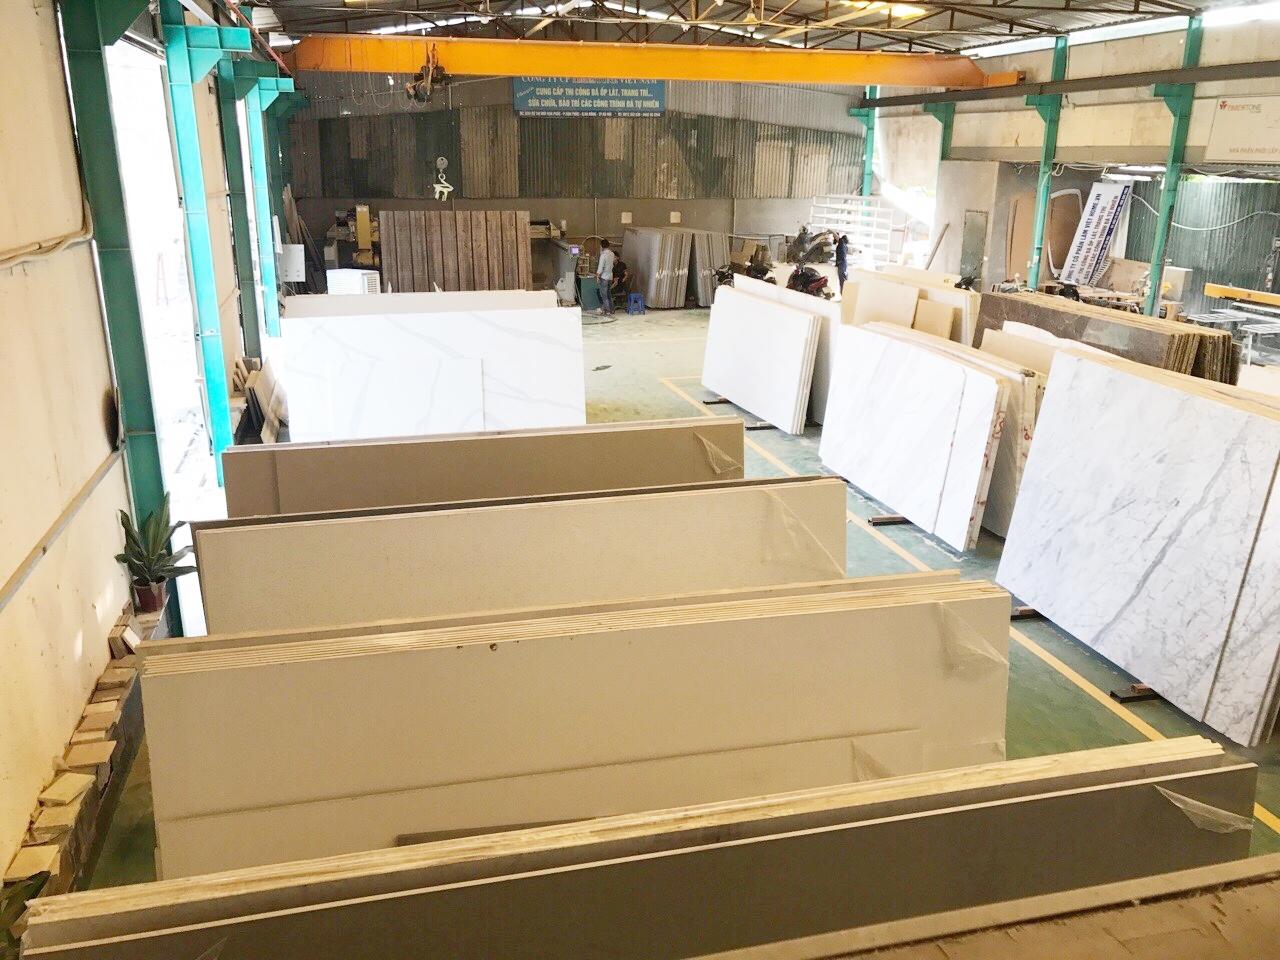 Nhà máy phân phối chế tác sản phẩm Empirestone tại Hà Đông - Hà Nội của Timestone Việt Nam